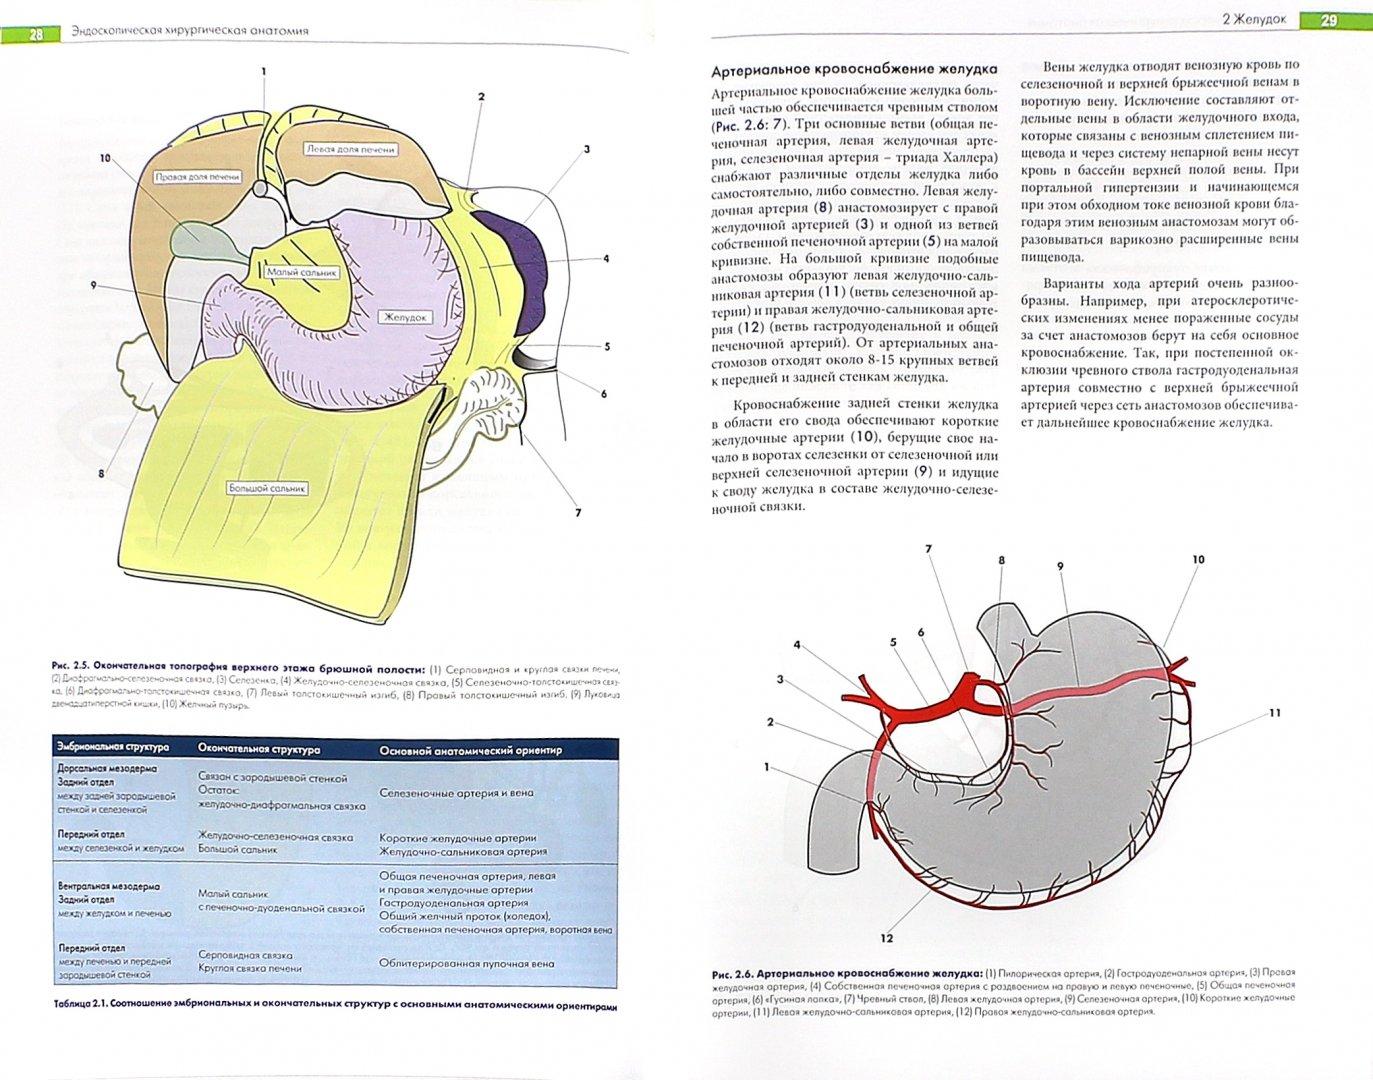 Иллюстрация 1 из 5 для Эндоскопическая хирургическая анатомия. Топография для лапароскопии, гастроскопии и колоноск. (+CD) - Киршняк, Грандерат, Древс | Лабиринт - книги. Источник: Лабиринт